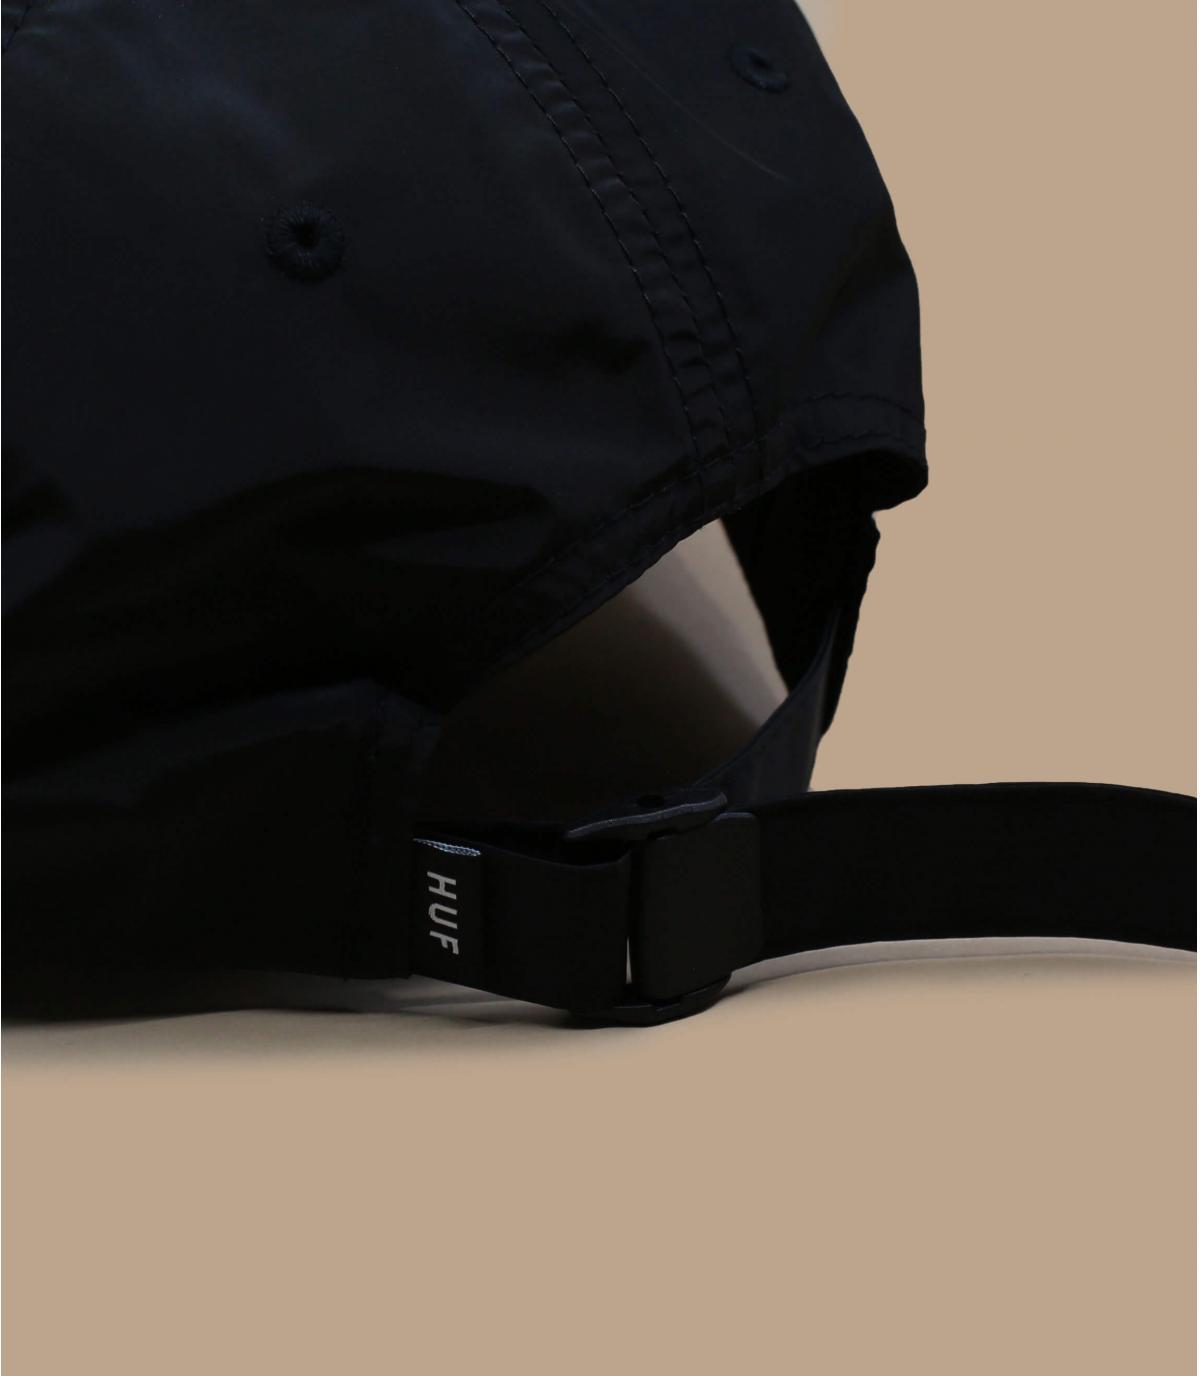 Détails 98 Logo black - image 4